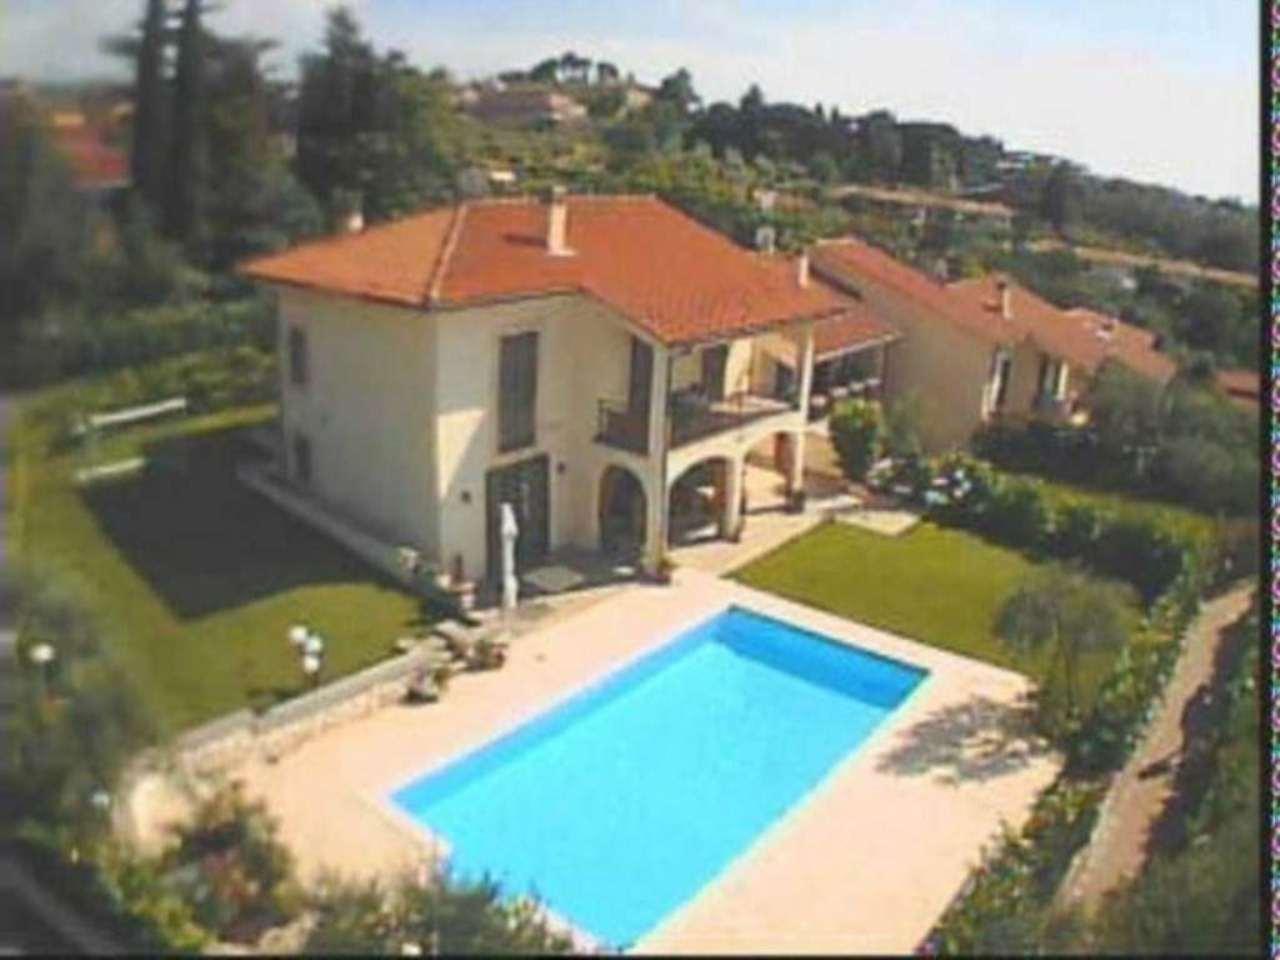 Villa in vendita a Frascati, 6 locali, Trattative riservate | Cambio Casa.it